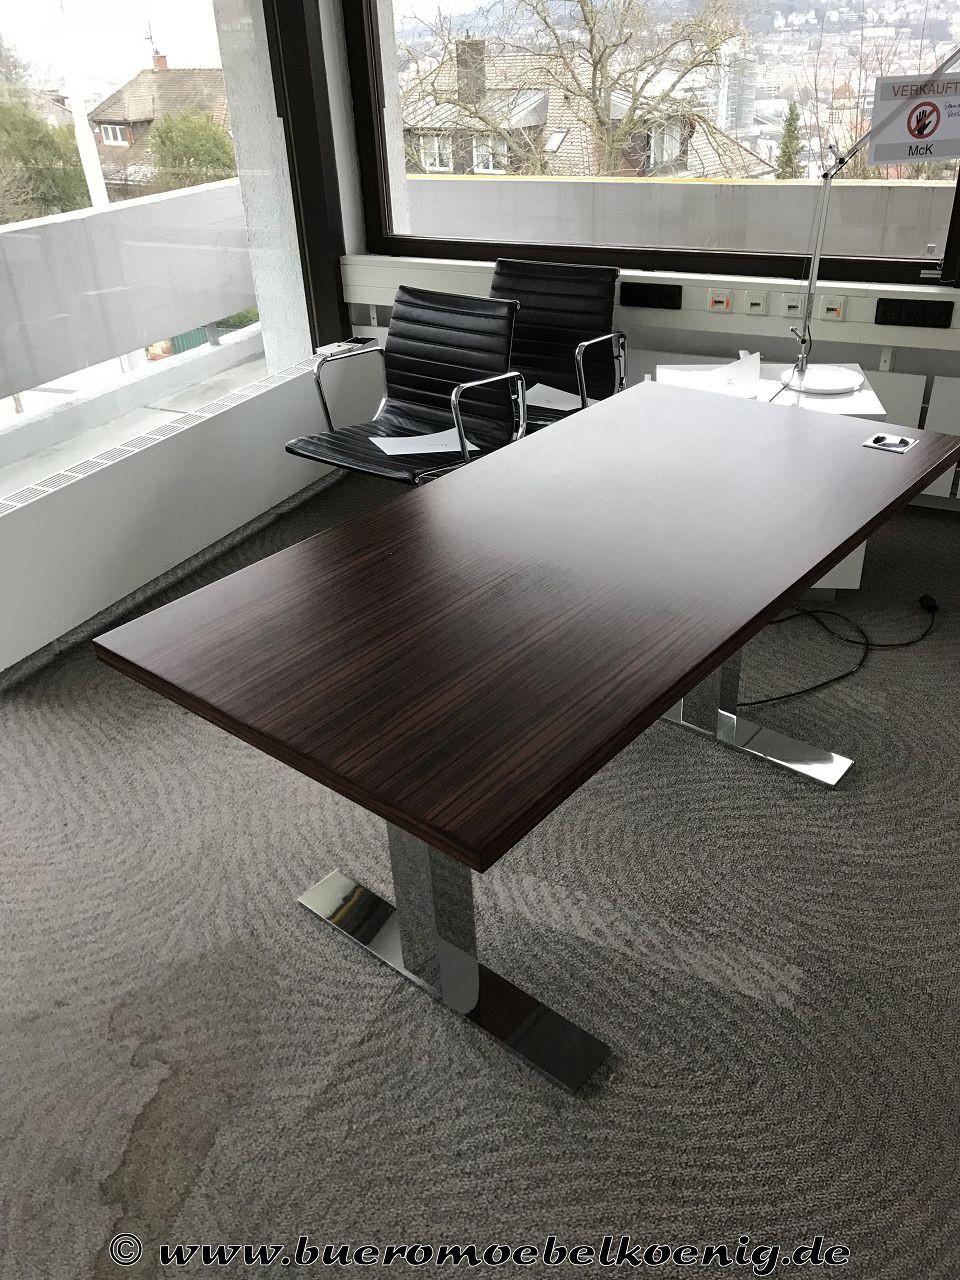 Höhenverstellbarer Schreibtisch Elektrisch  Elektrisch höhenverstellbarer Schreibtisch von spiegels